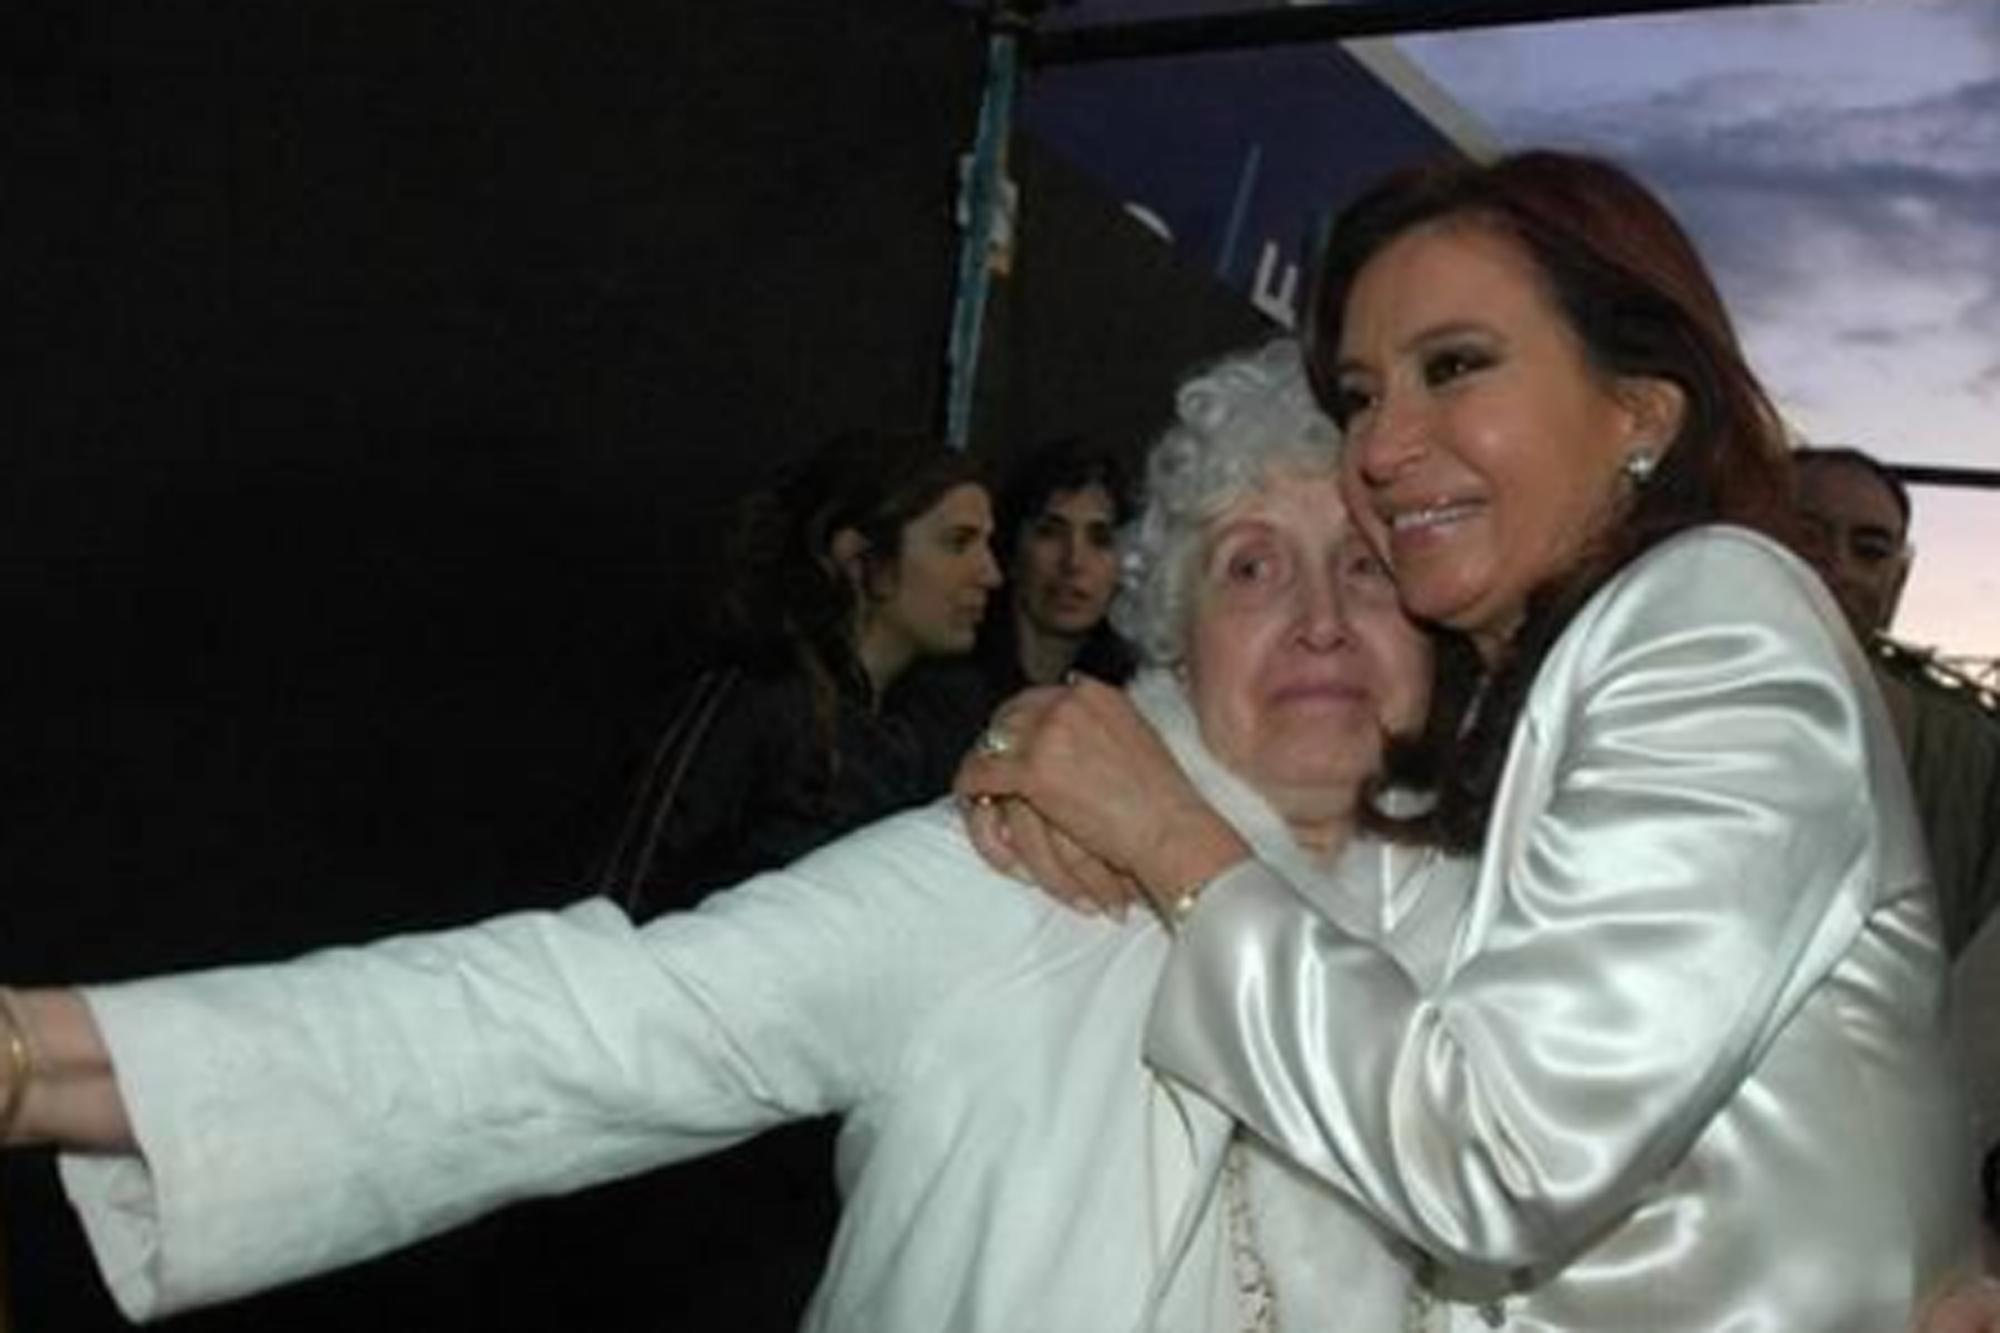 Tendencia en redes: Los políticos expresan sus condolencias a Cristina Kirchner por la muerte de su madre